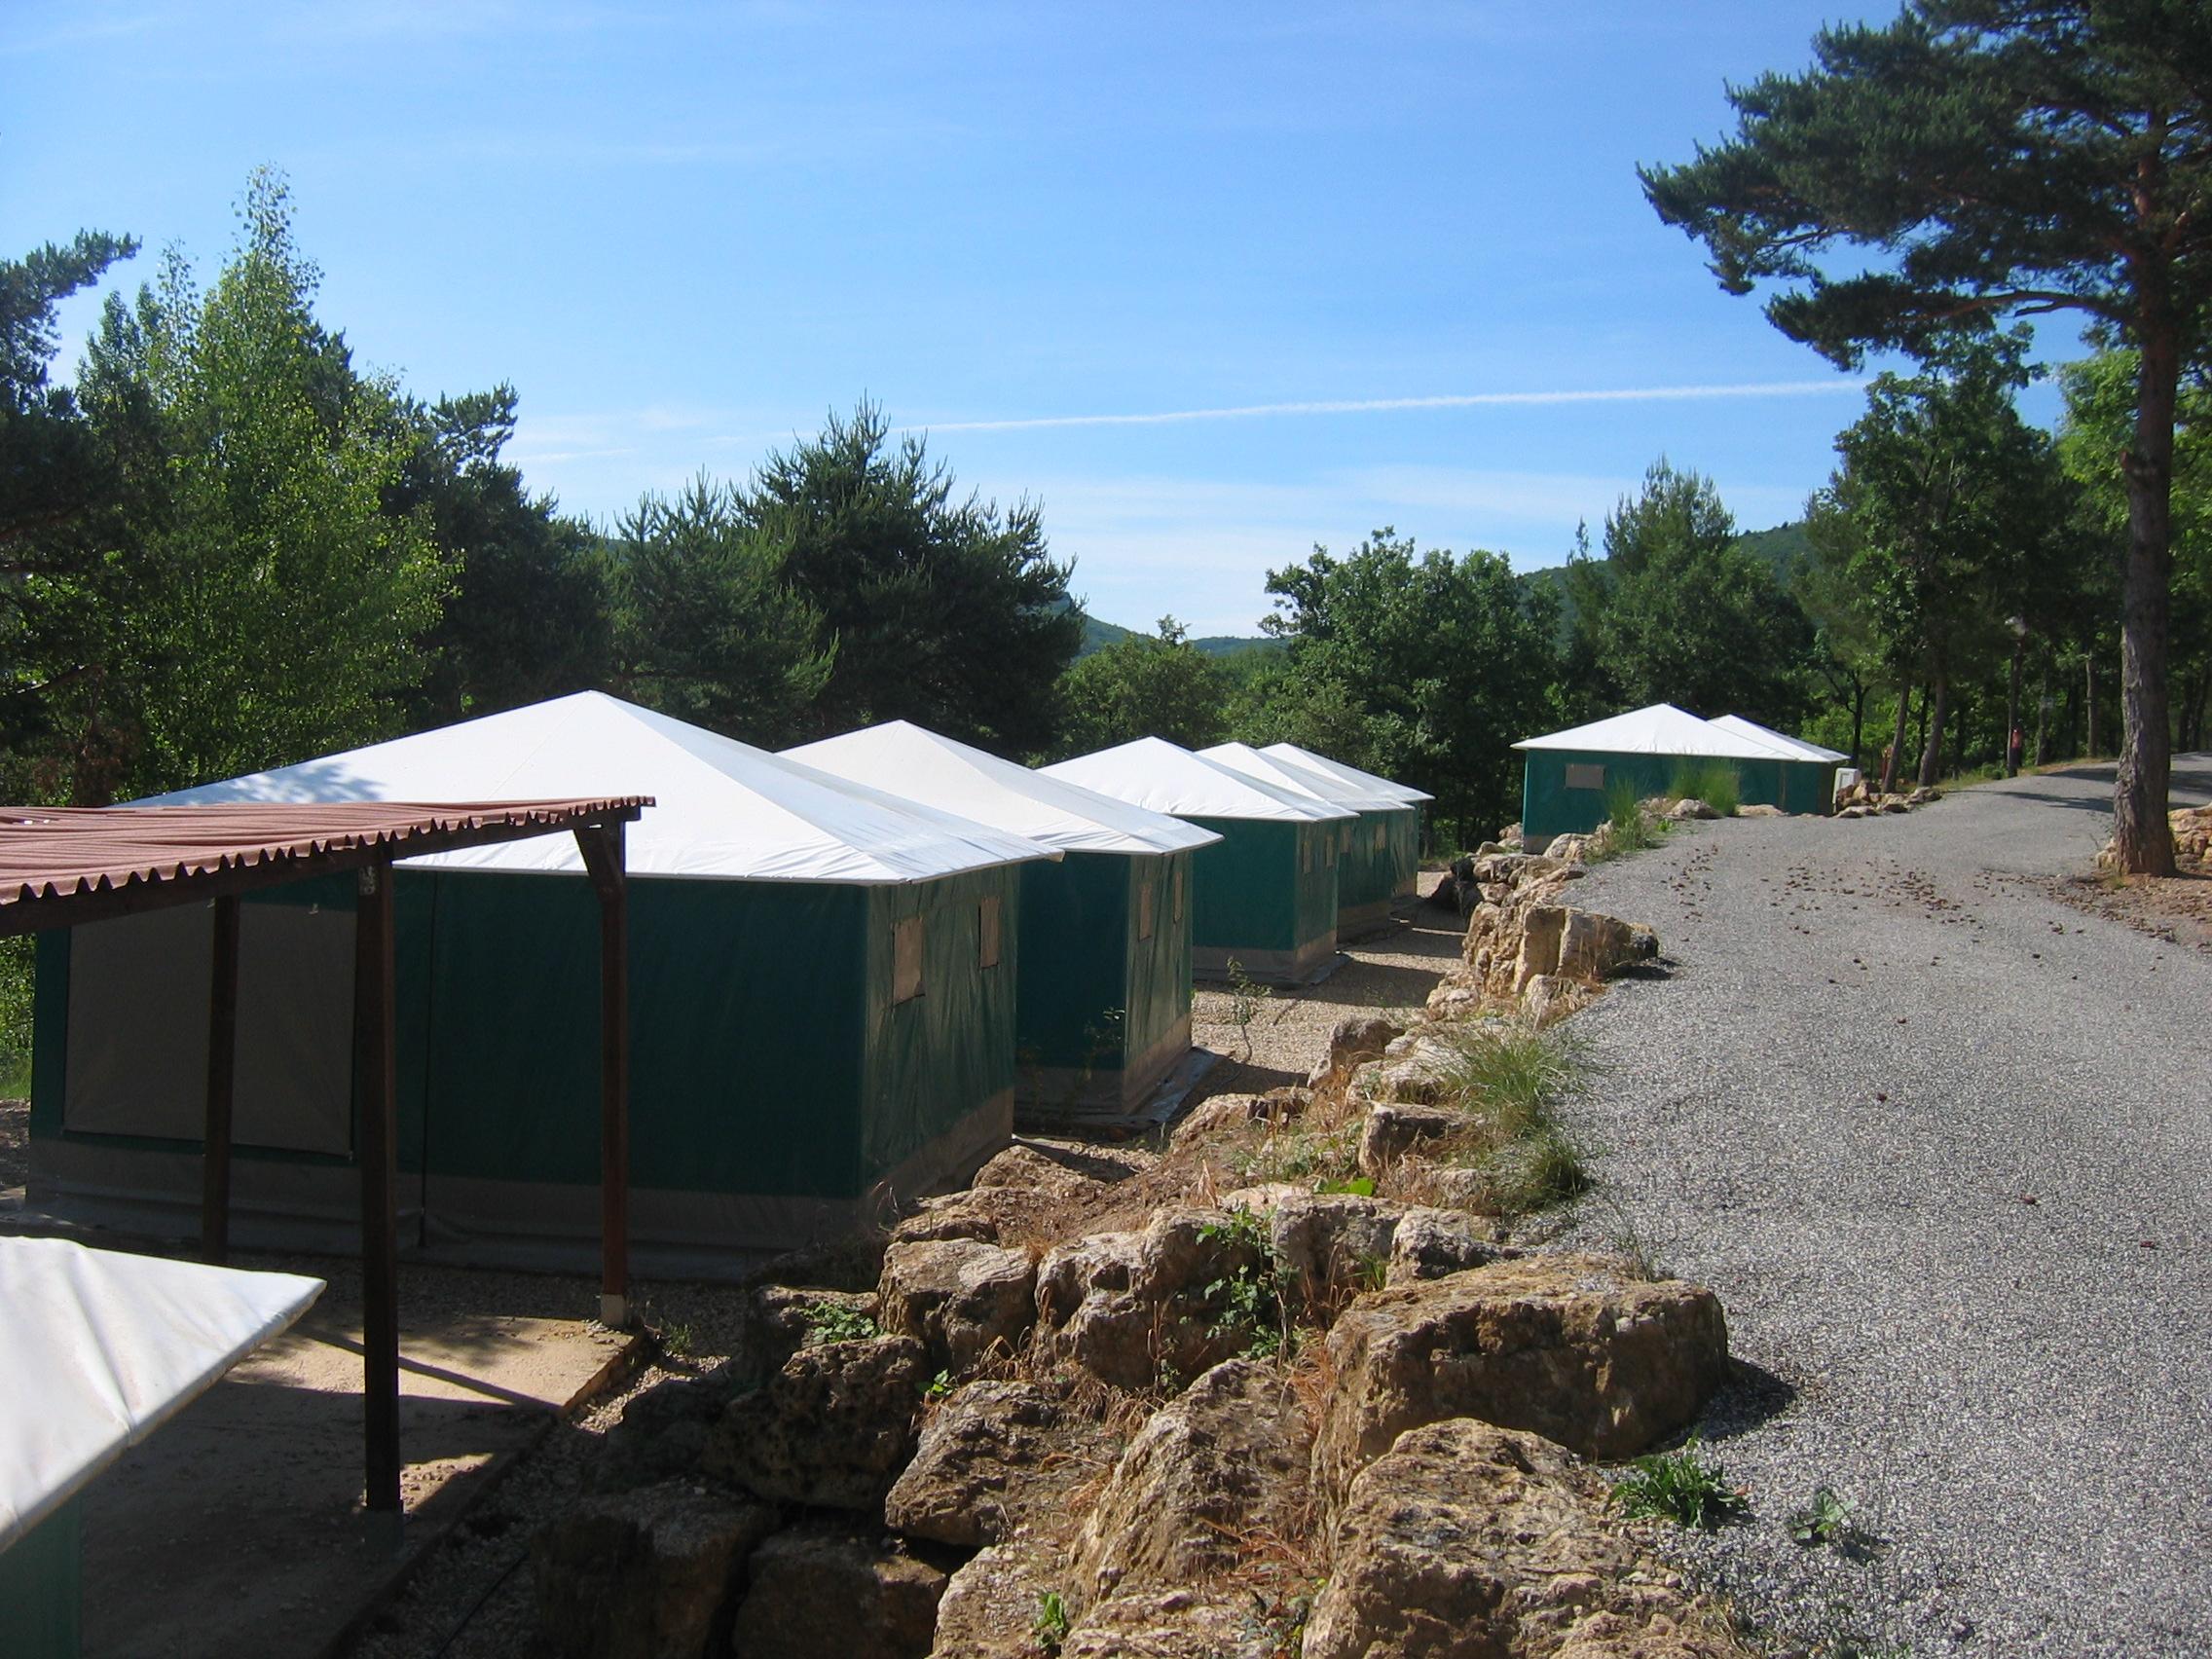 Le camping pour des vacances r ussies for Camping lac du bourget avec piscine